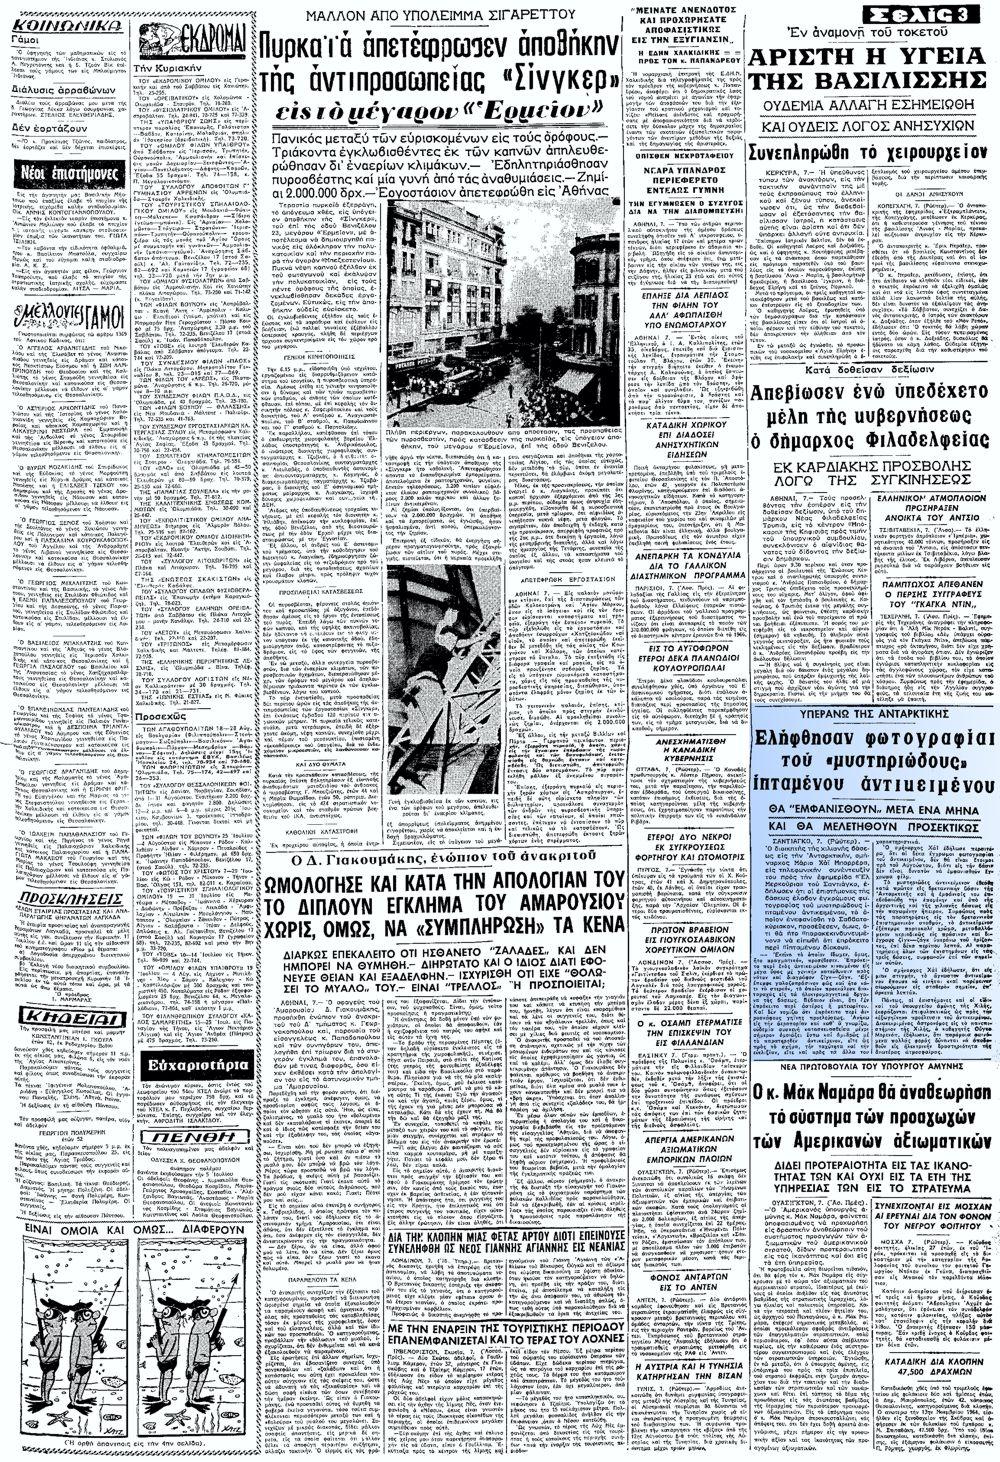 """Το άρθρο, όπως δημοσιεύθηκε στην εφημερίδα """"ΜΑΚΕΔΟΝΙΑ"""", στις 08/07/1965"""